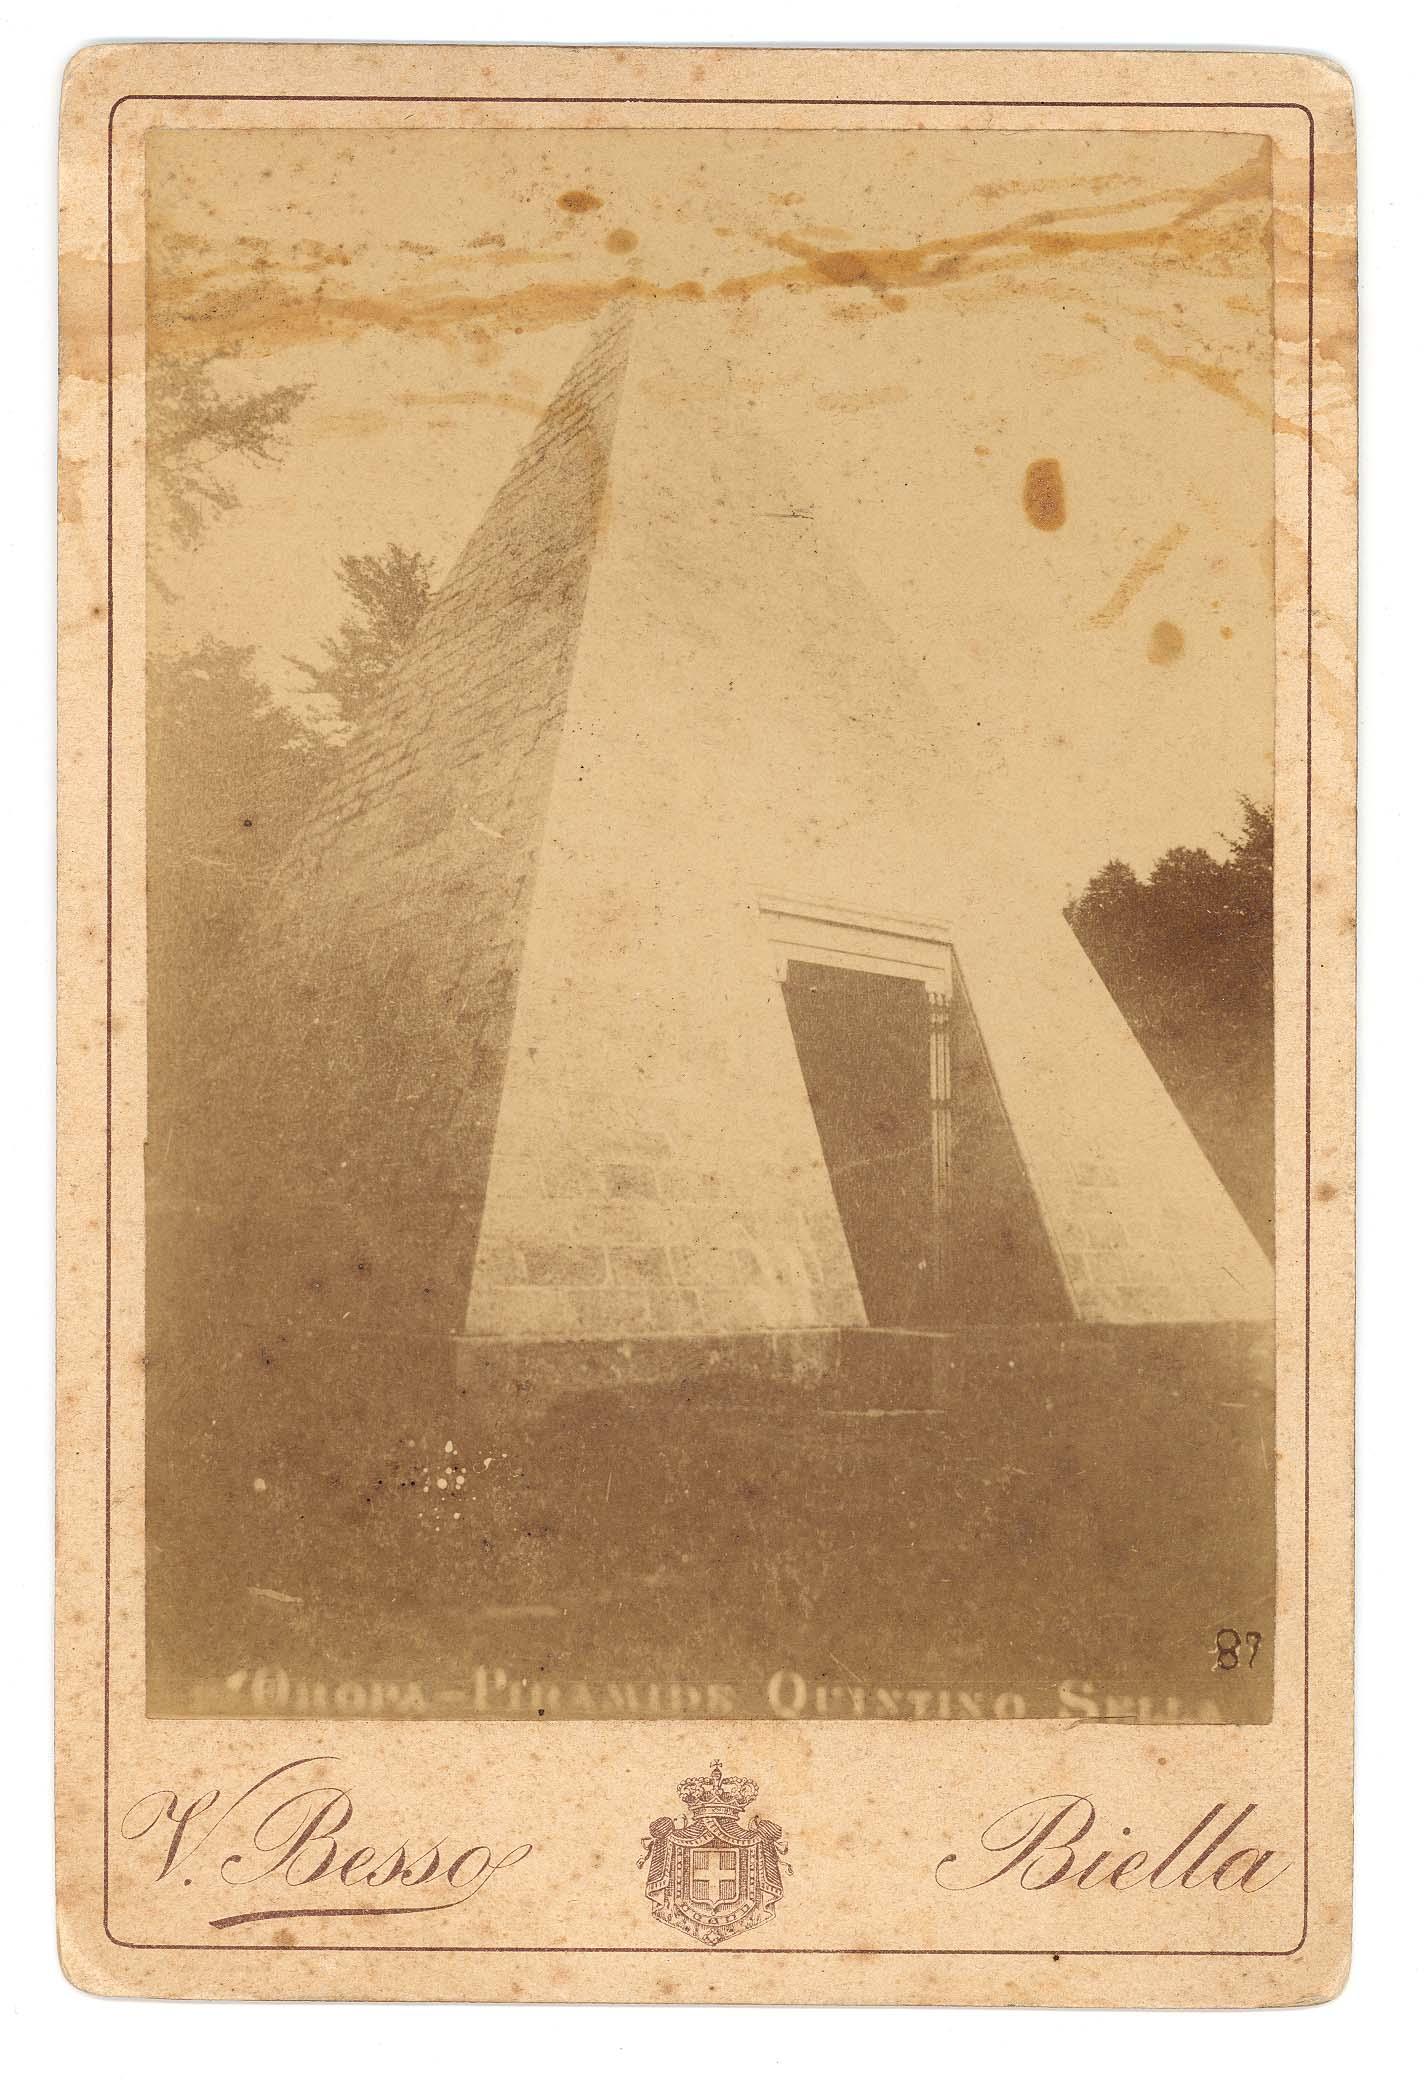 Archivio Comunale - 1880 - Topografia_jpg_foto 0019